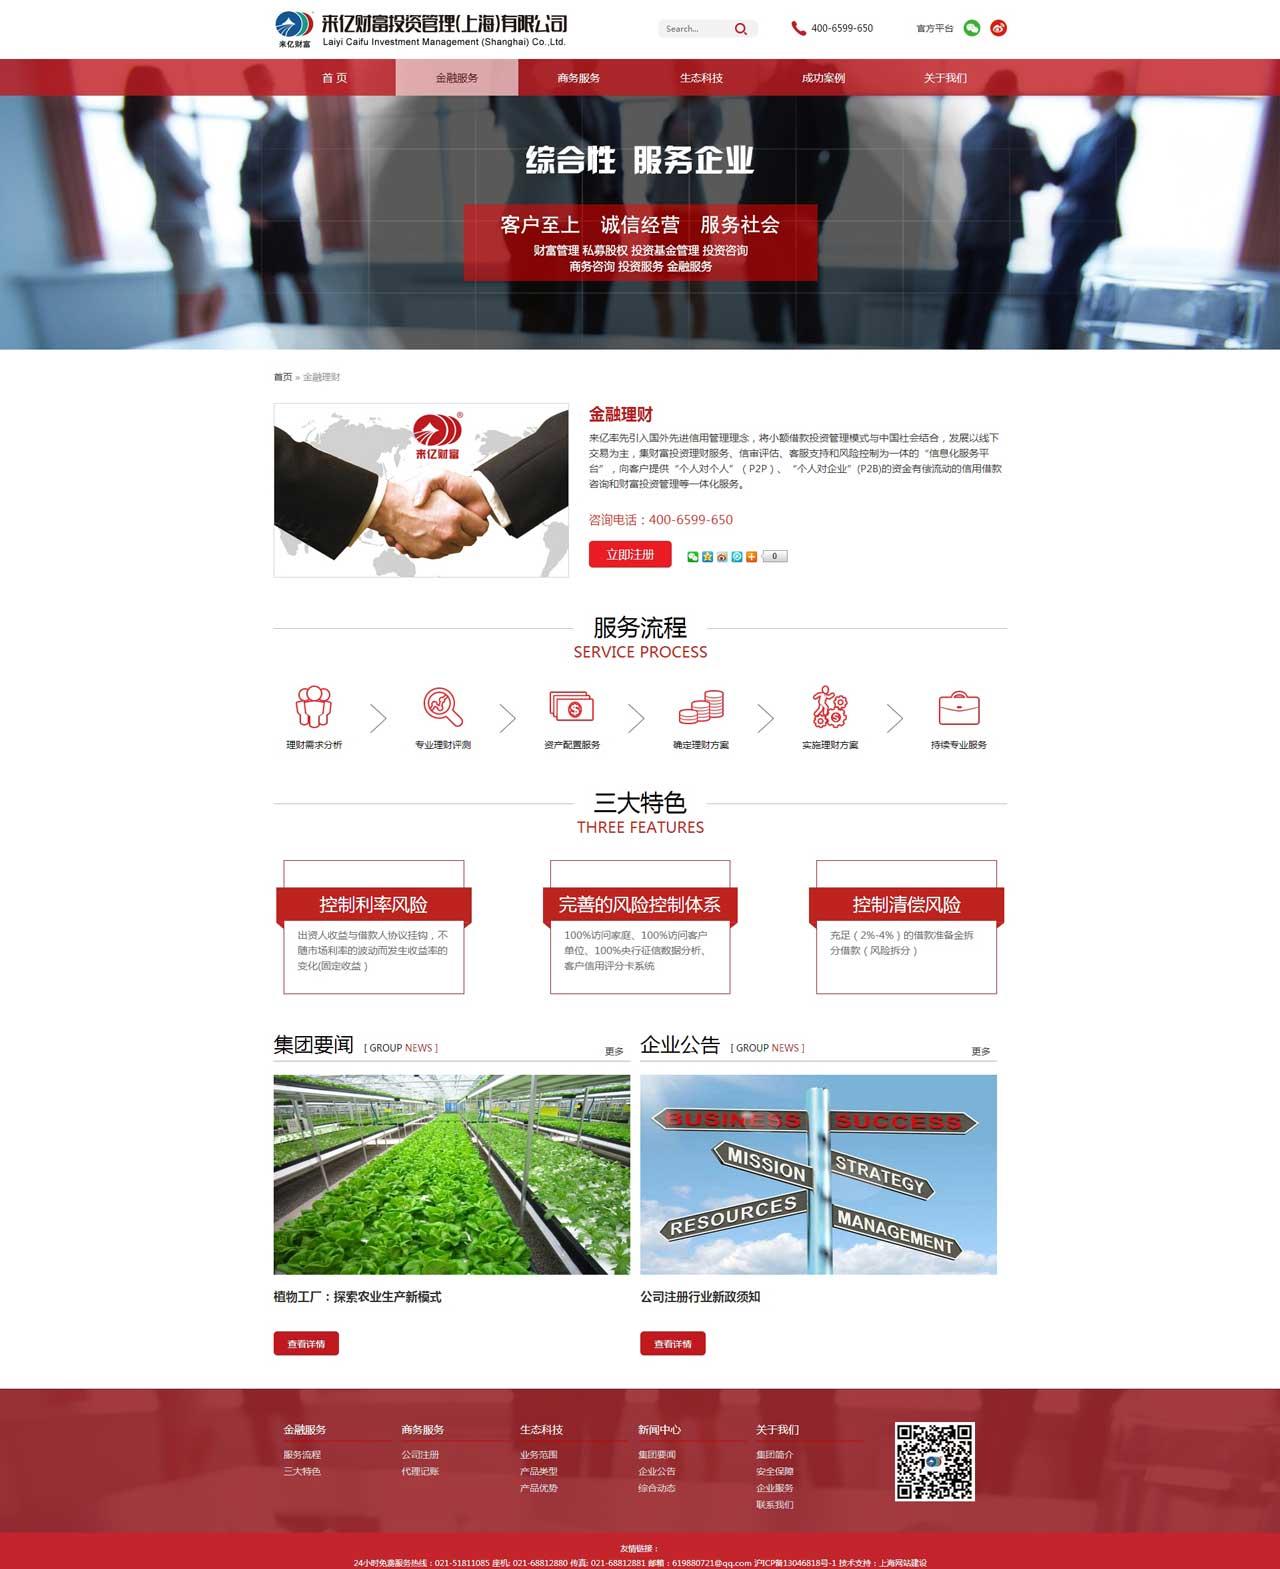 金融服务_上海来亿财富